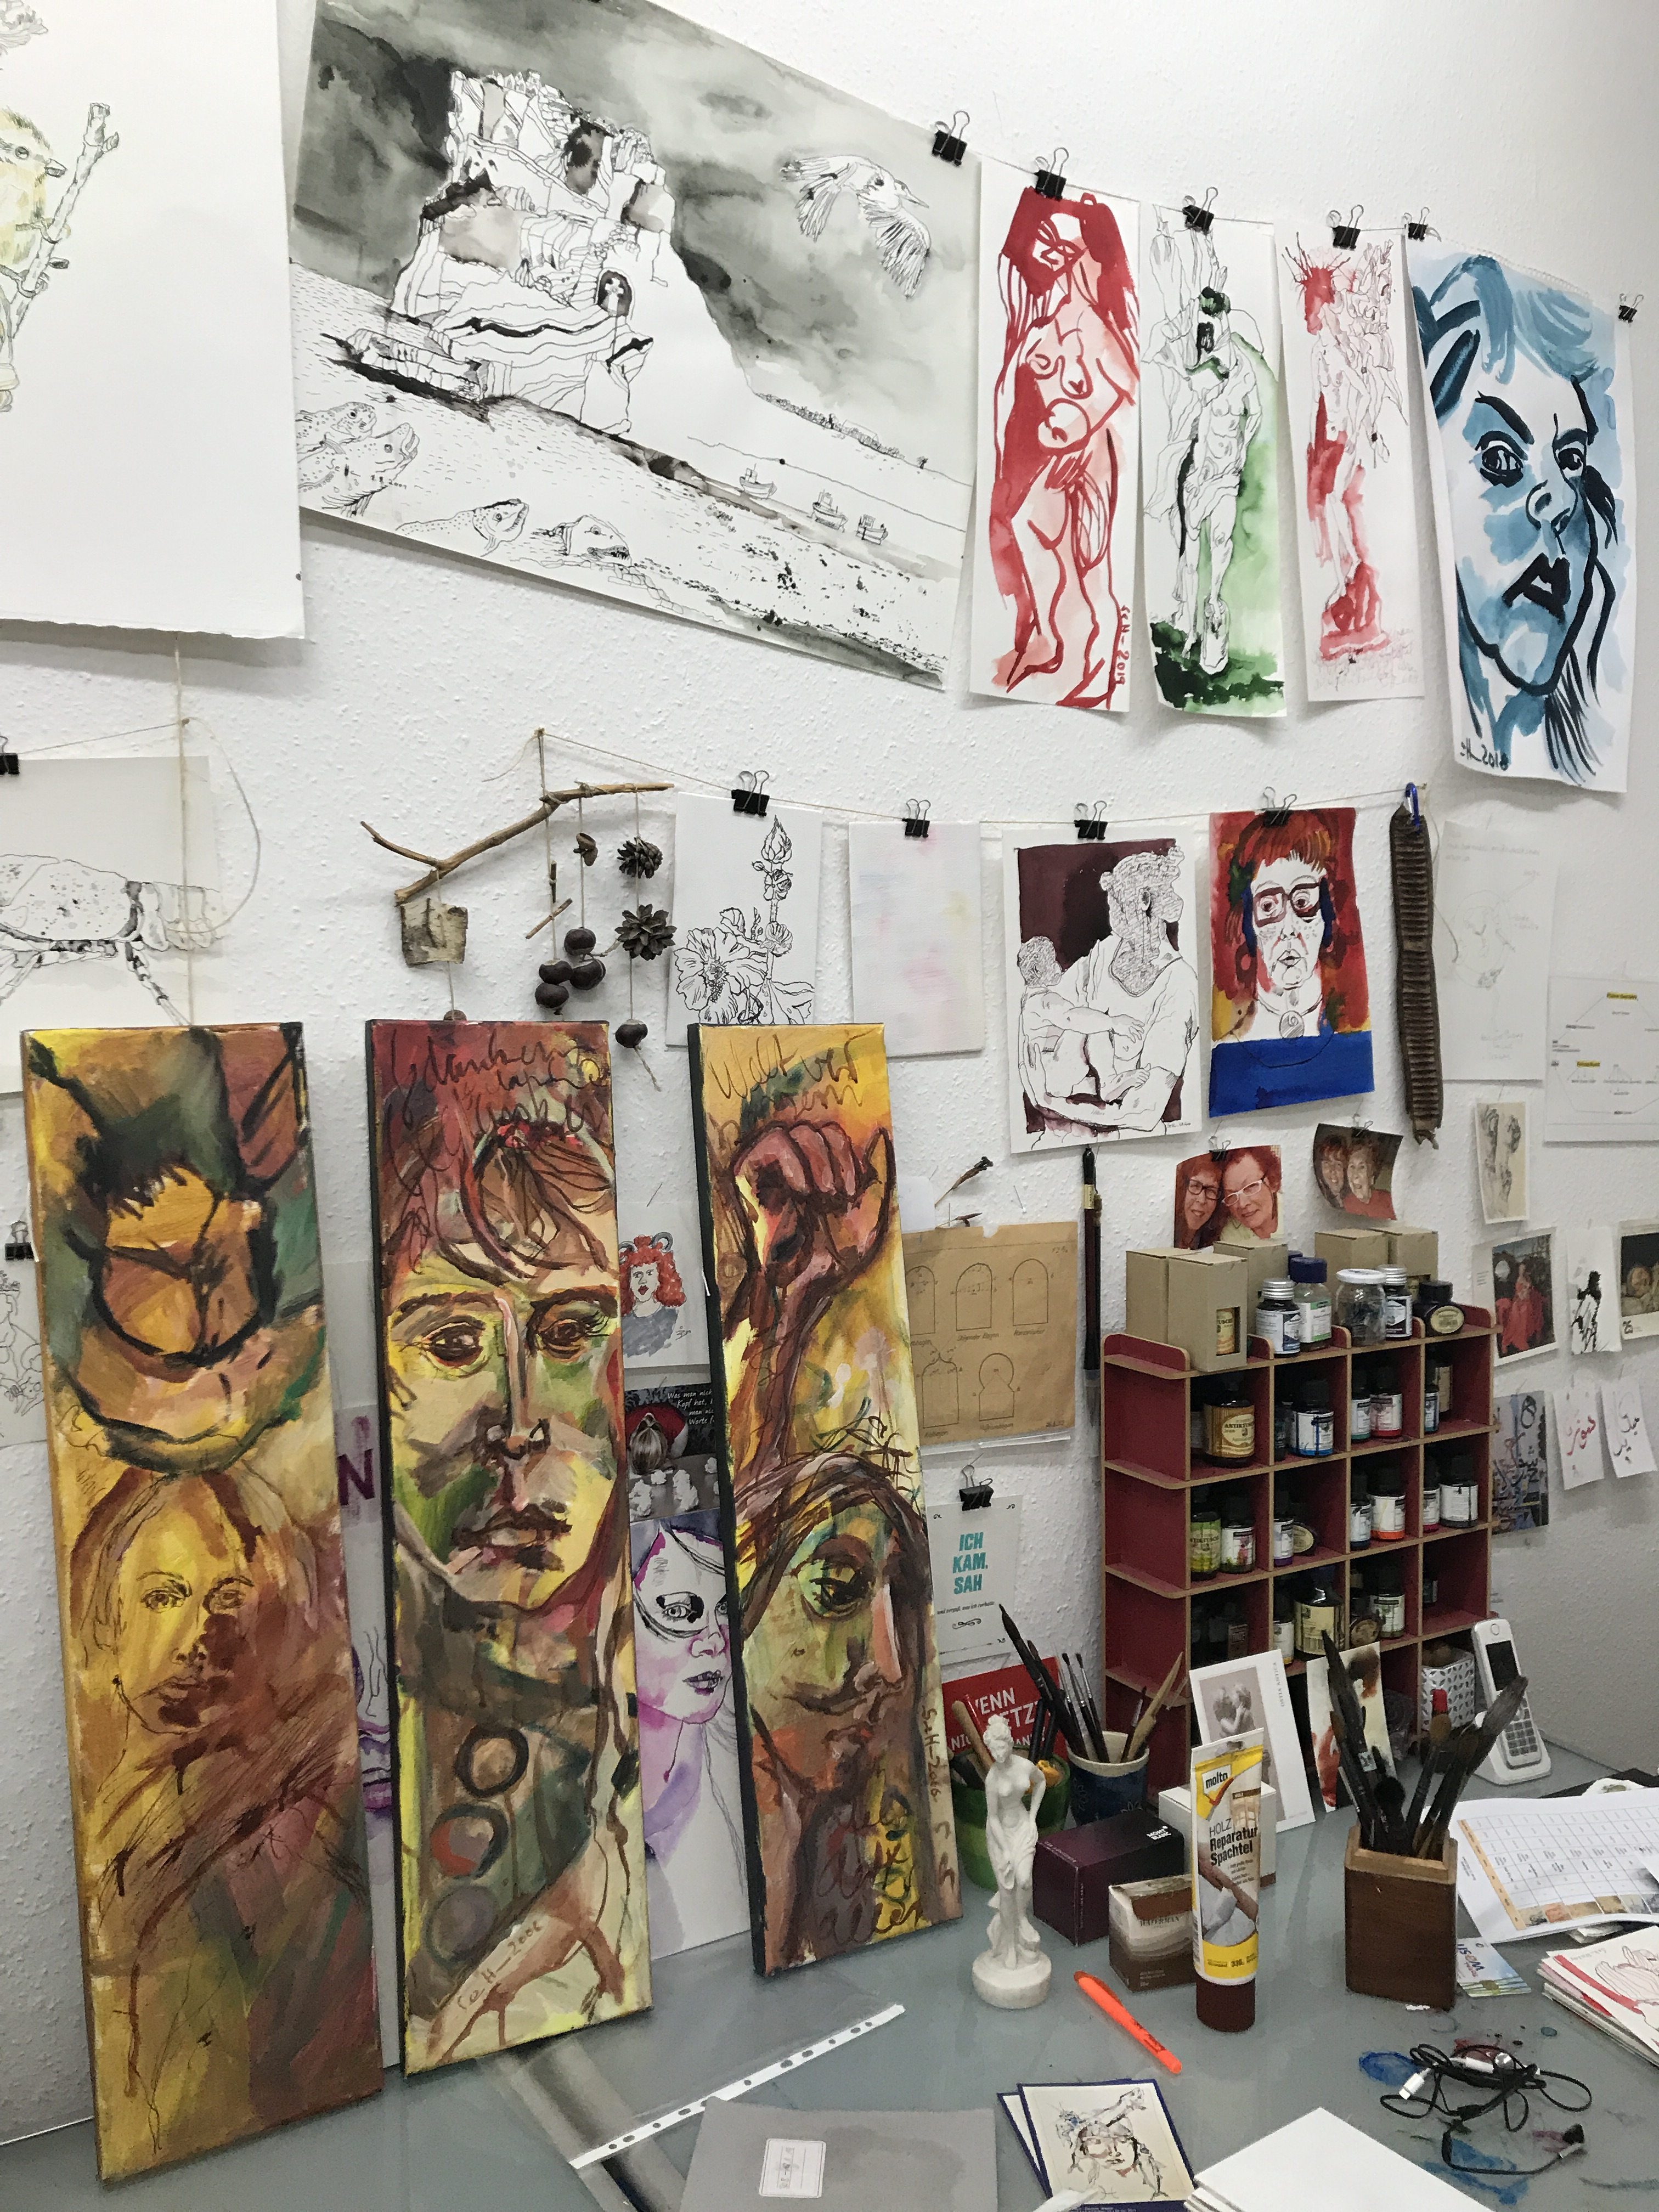 Weltverbessern - Gemälde auf Leinwand von Susann Haun (c) VG Bild-Kunst, Bonn 2019